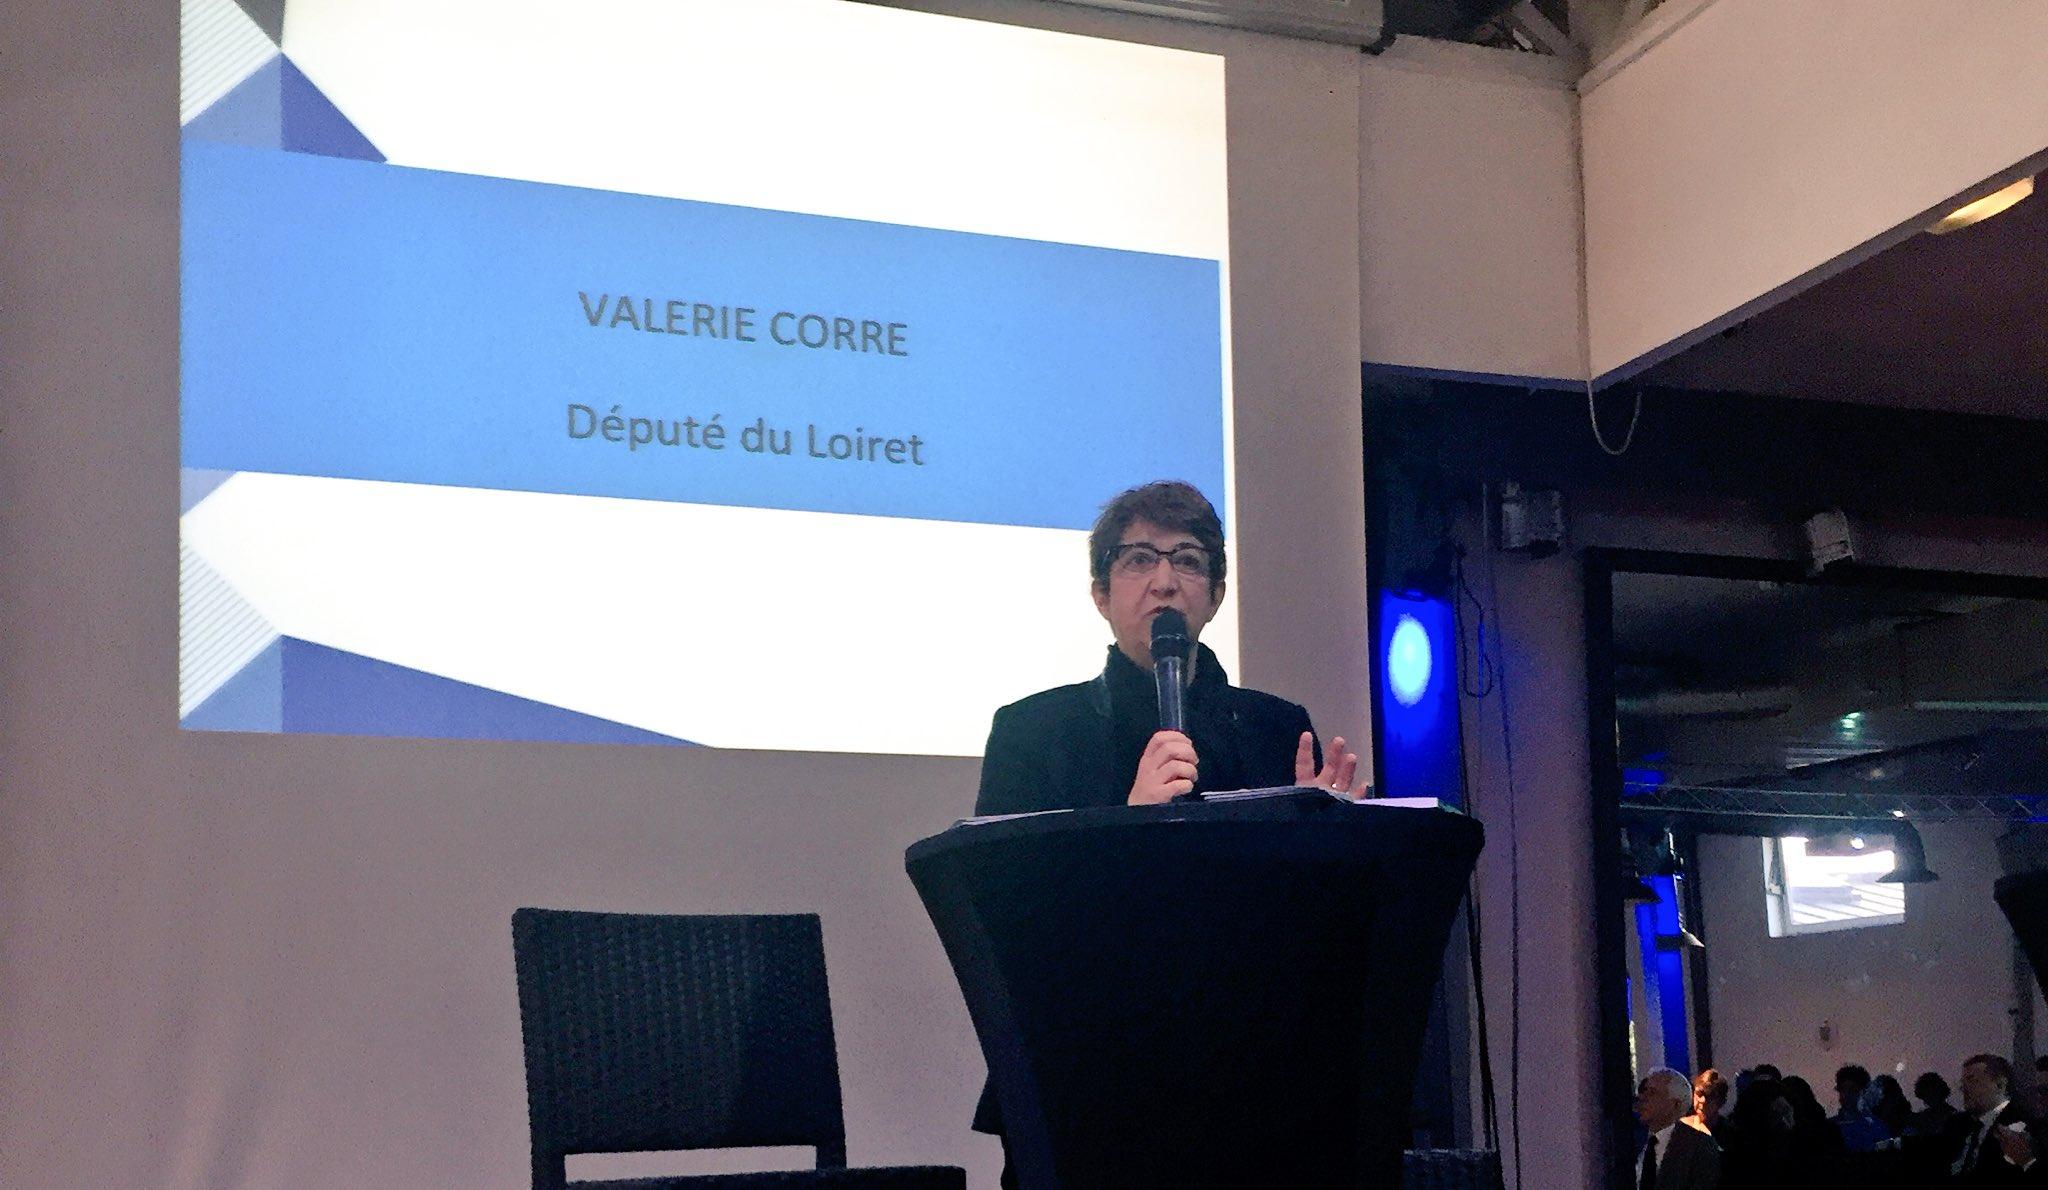 Intervention de @Valerie_Corre, auteur d'un rapport parlementaire sur les relations entre l'École et les parents. #pauvretéréussitescolaire https://t.co/lMH6rS85rl